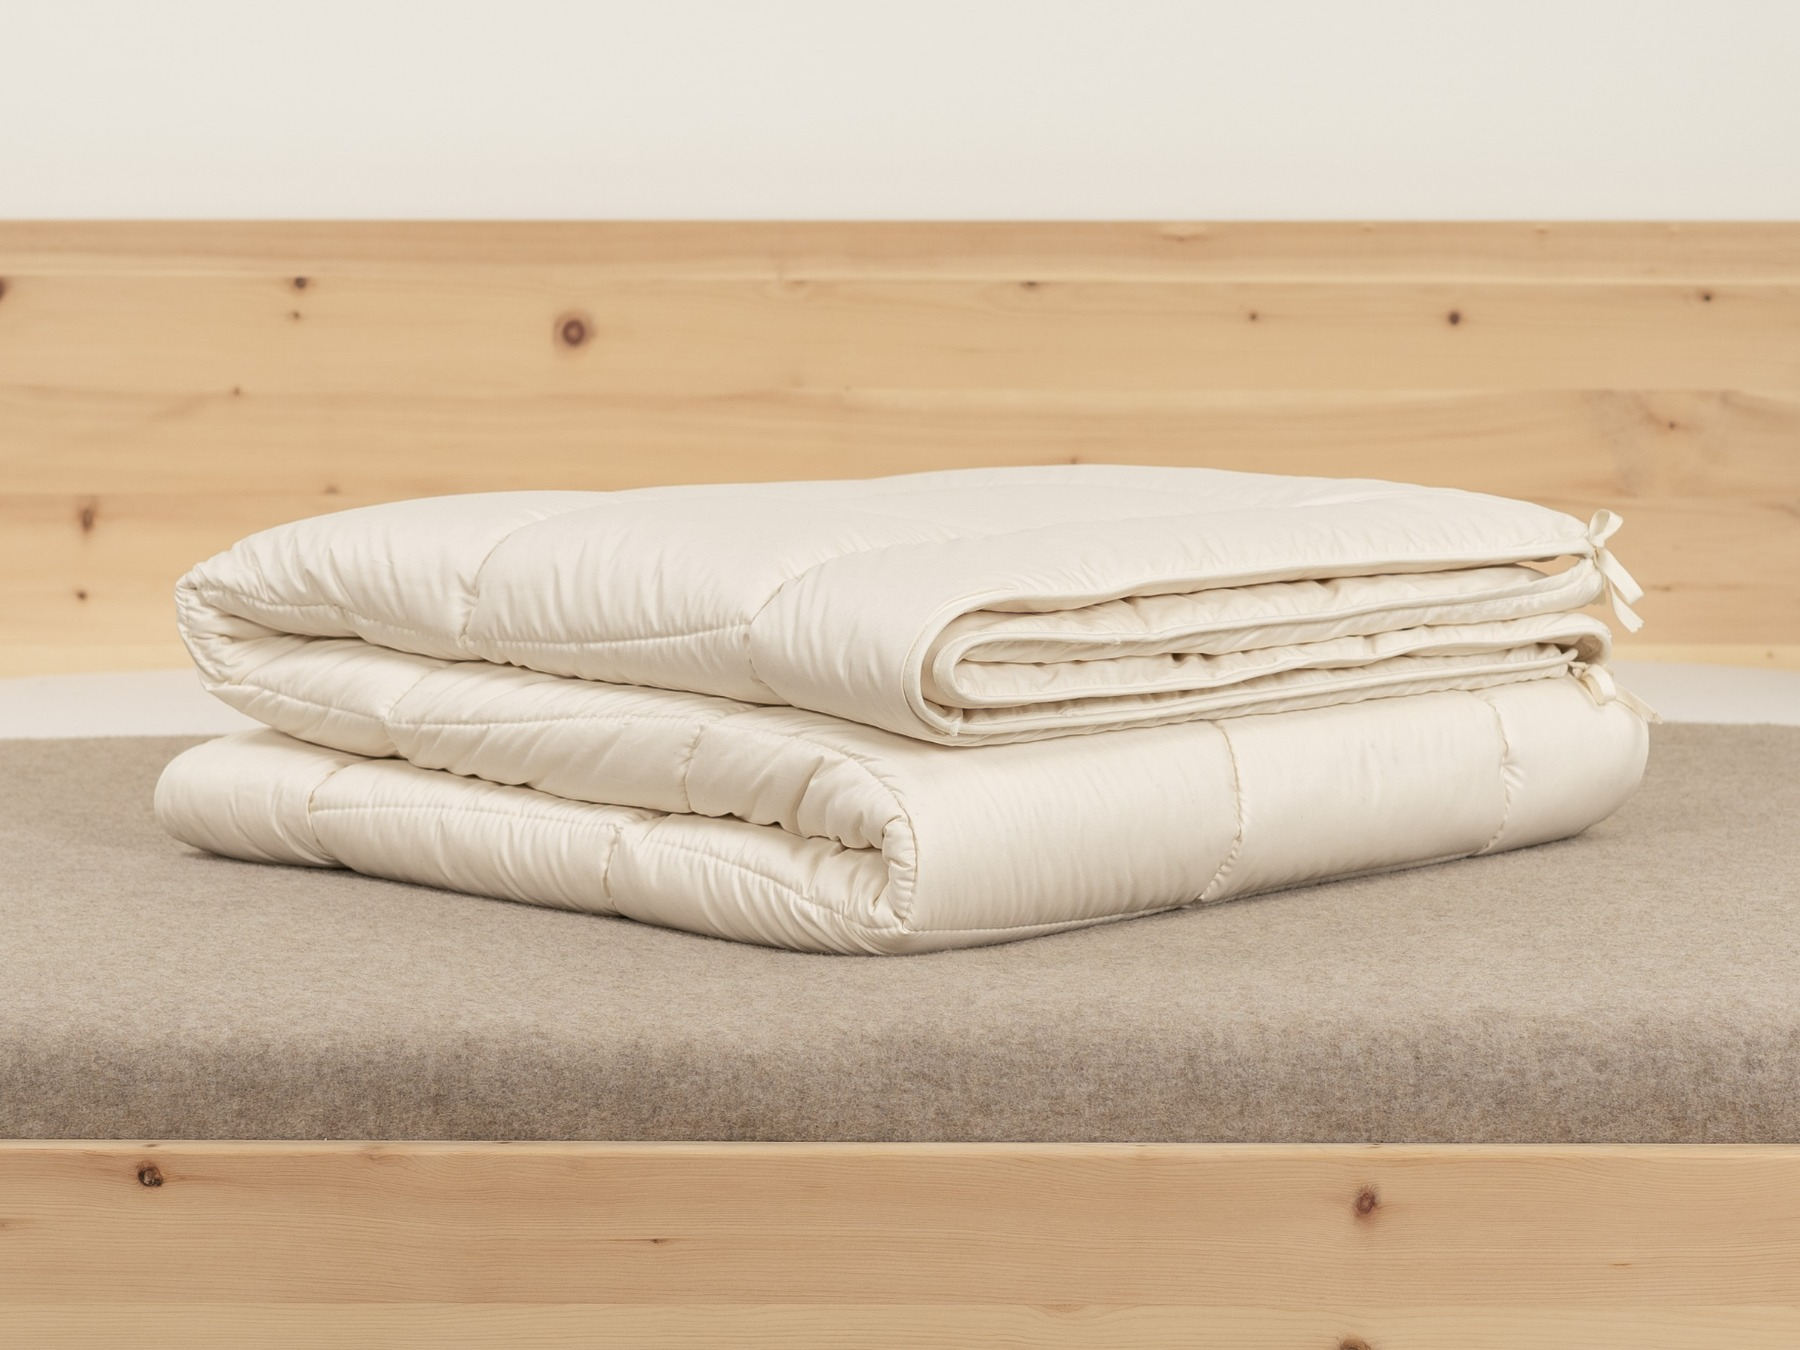 Zusammengesetzt aus einer leichten Sommer- und einer mittelwarmen Medium-Decke.